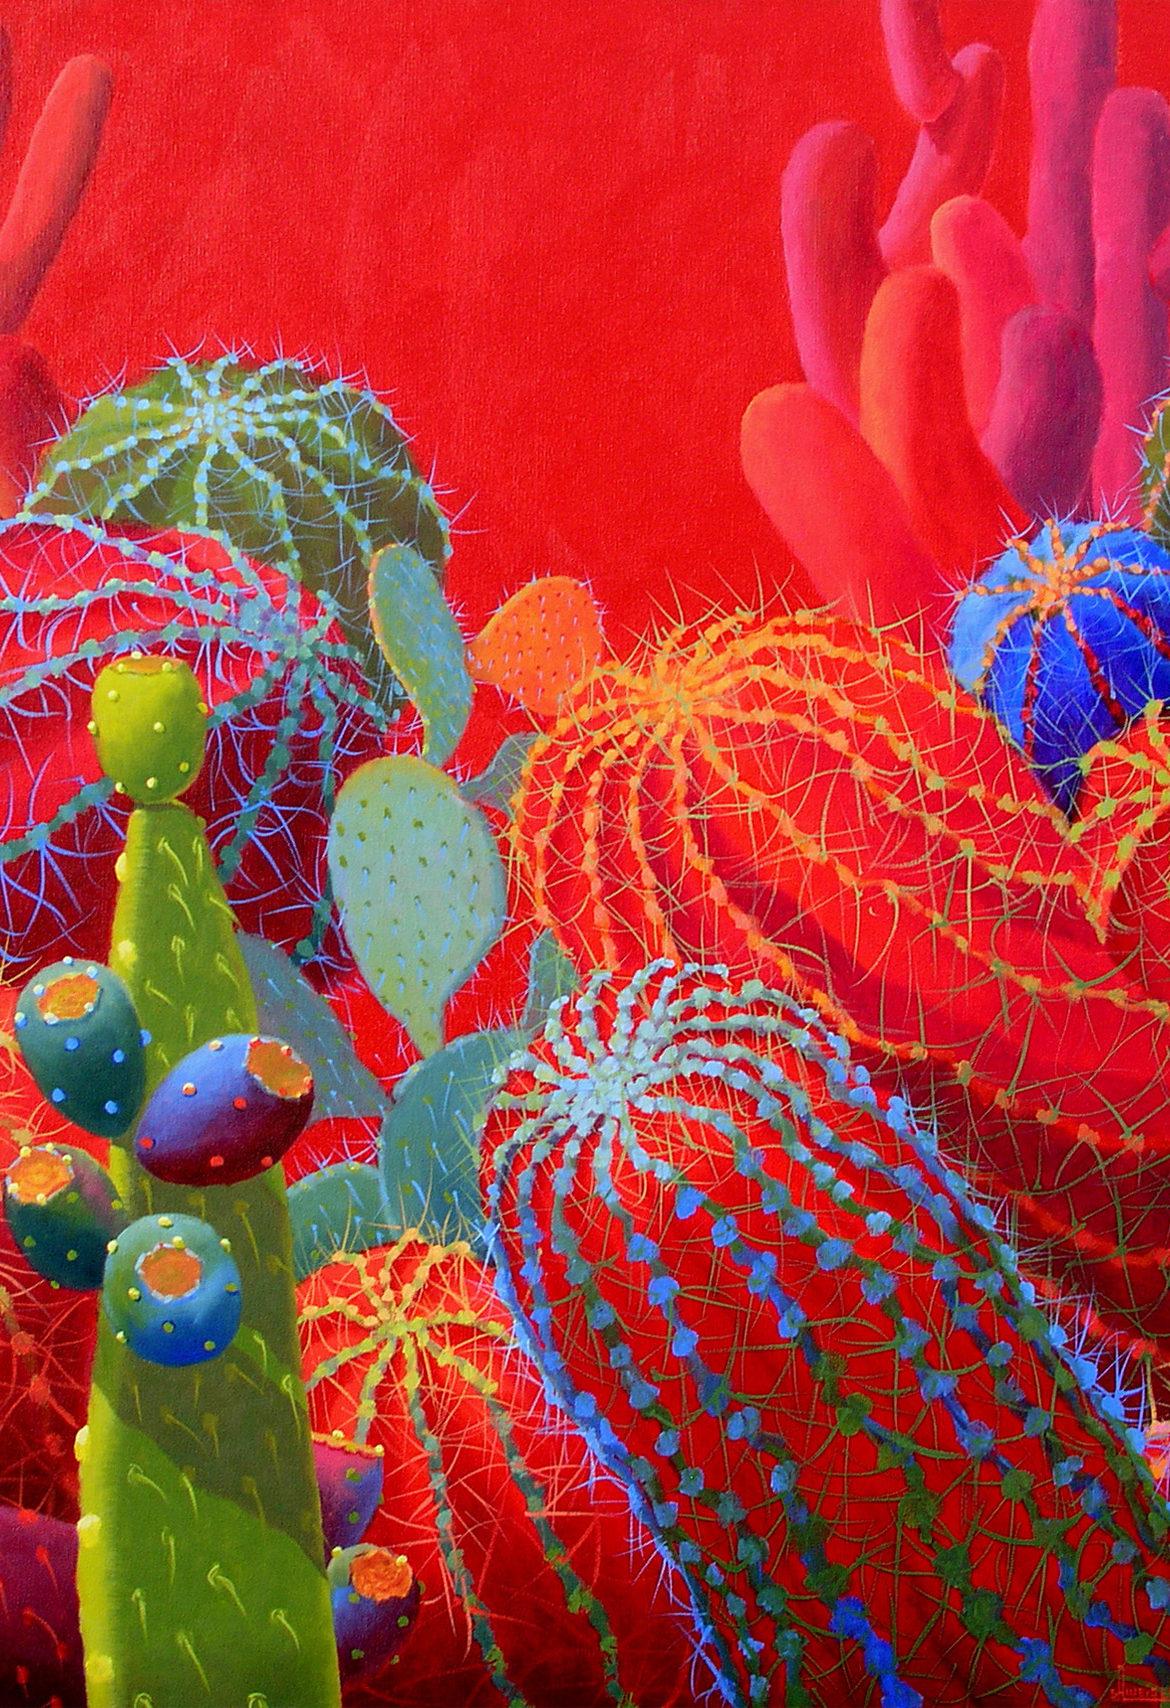 Desert Glitter, Sharon Weiser, Rogoway Gallery